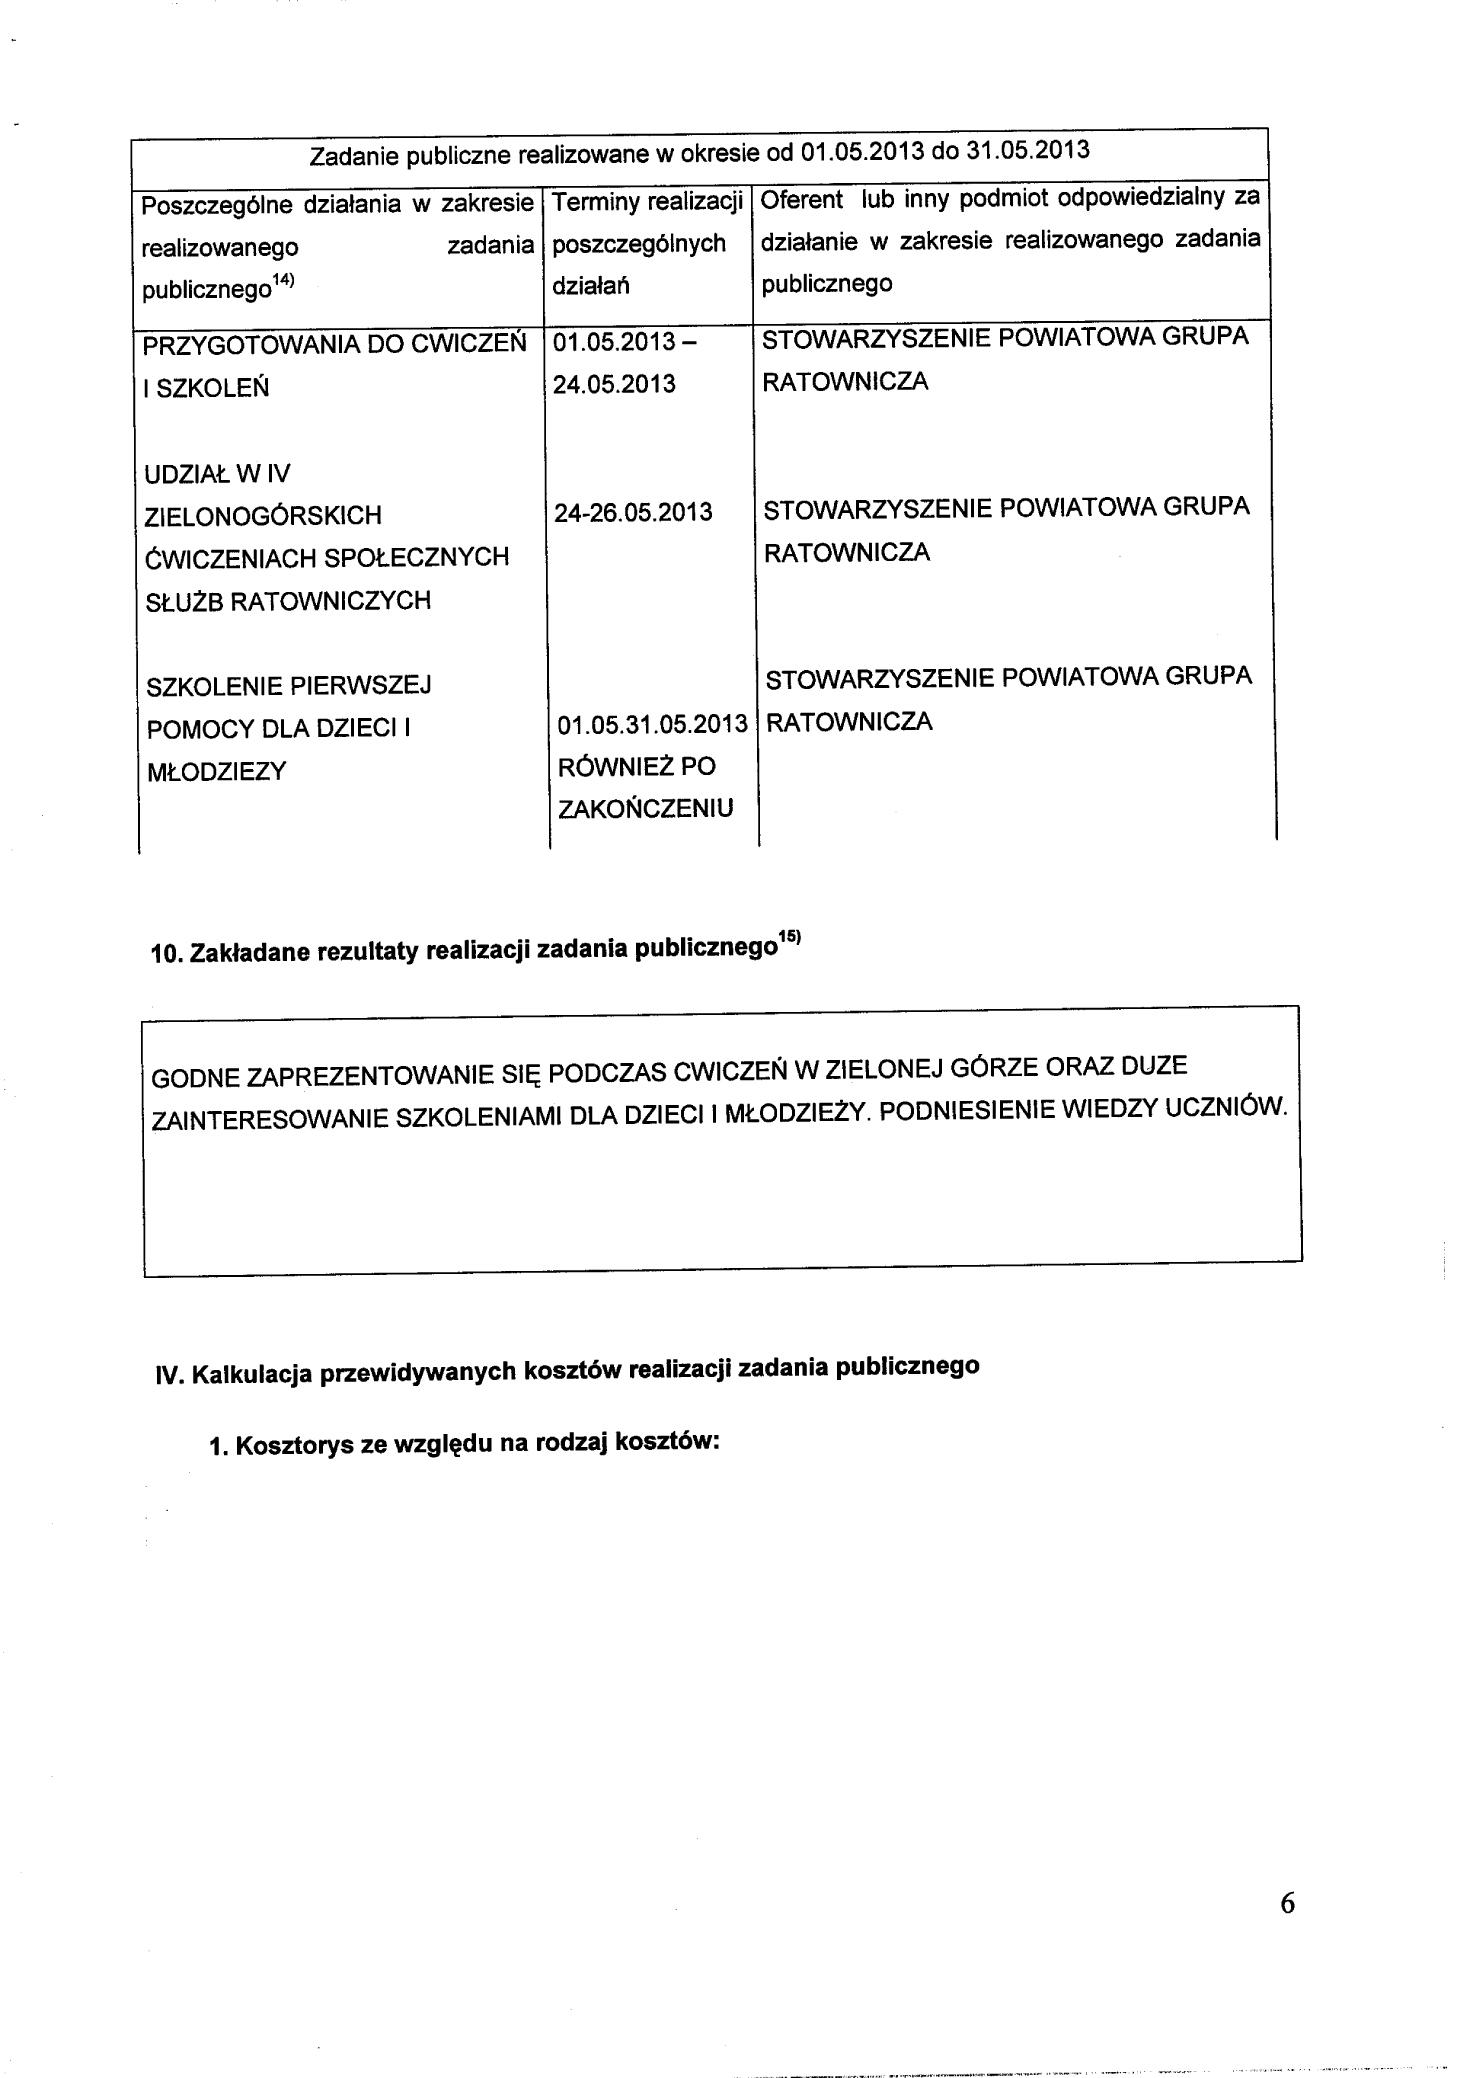 DOC130325072600(0001)06 copy.jpeg